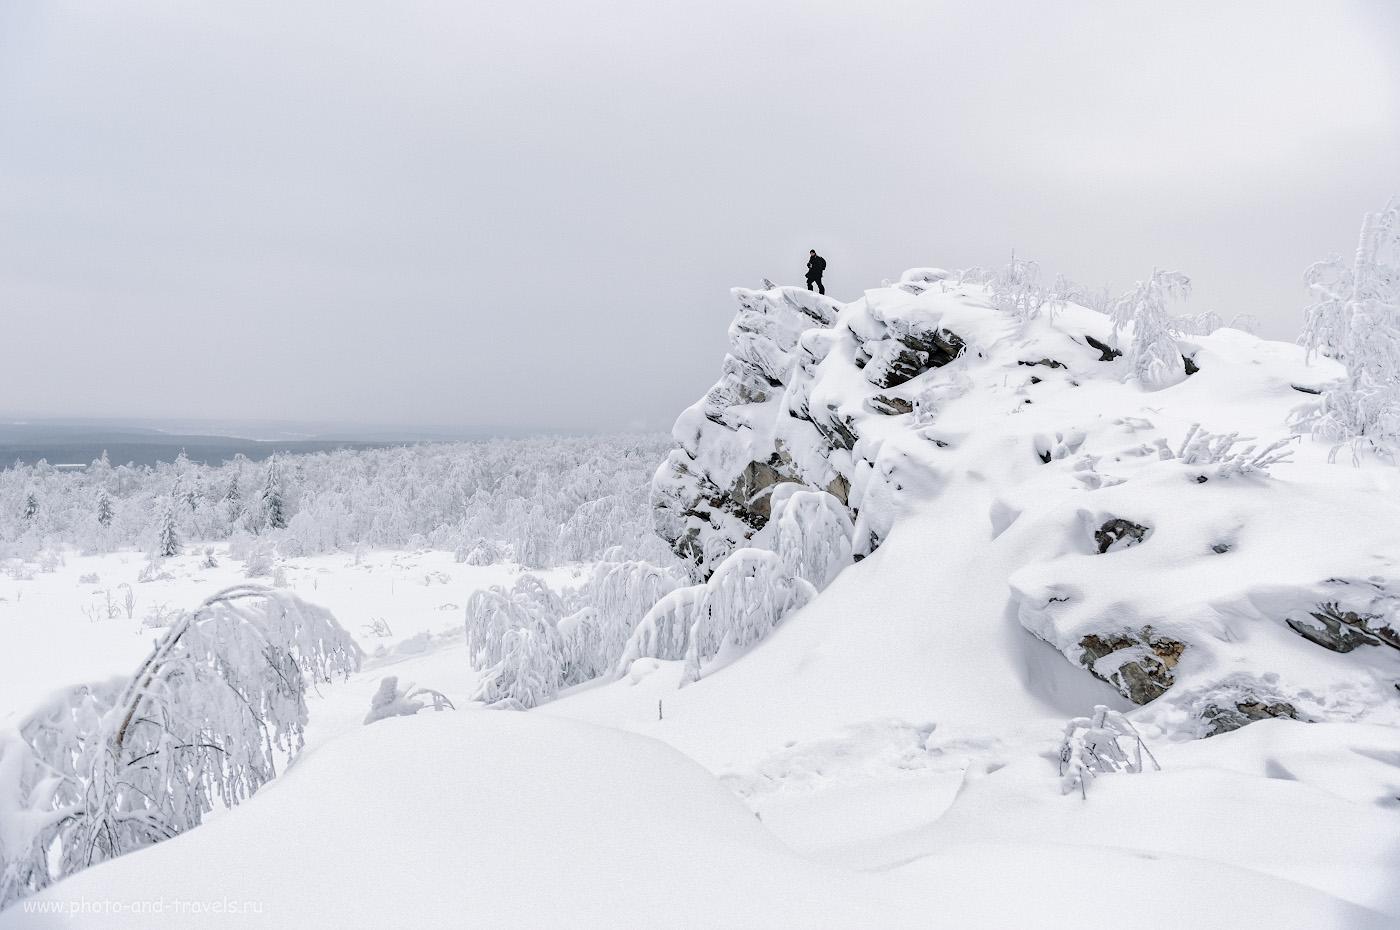 9. Фотограф-путешественник на горе Крестовая. Отзыв об автомобильном путешествии по Пермскому краю самостоятельно. 1/250, 3.5, 250, +1.67, 24.